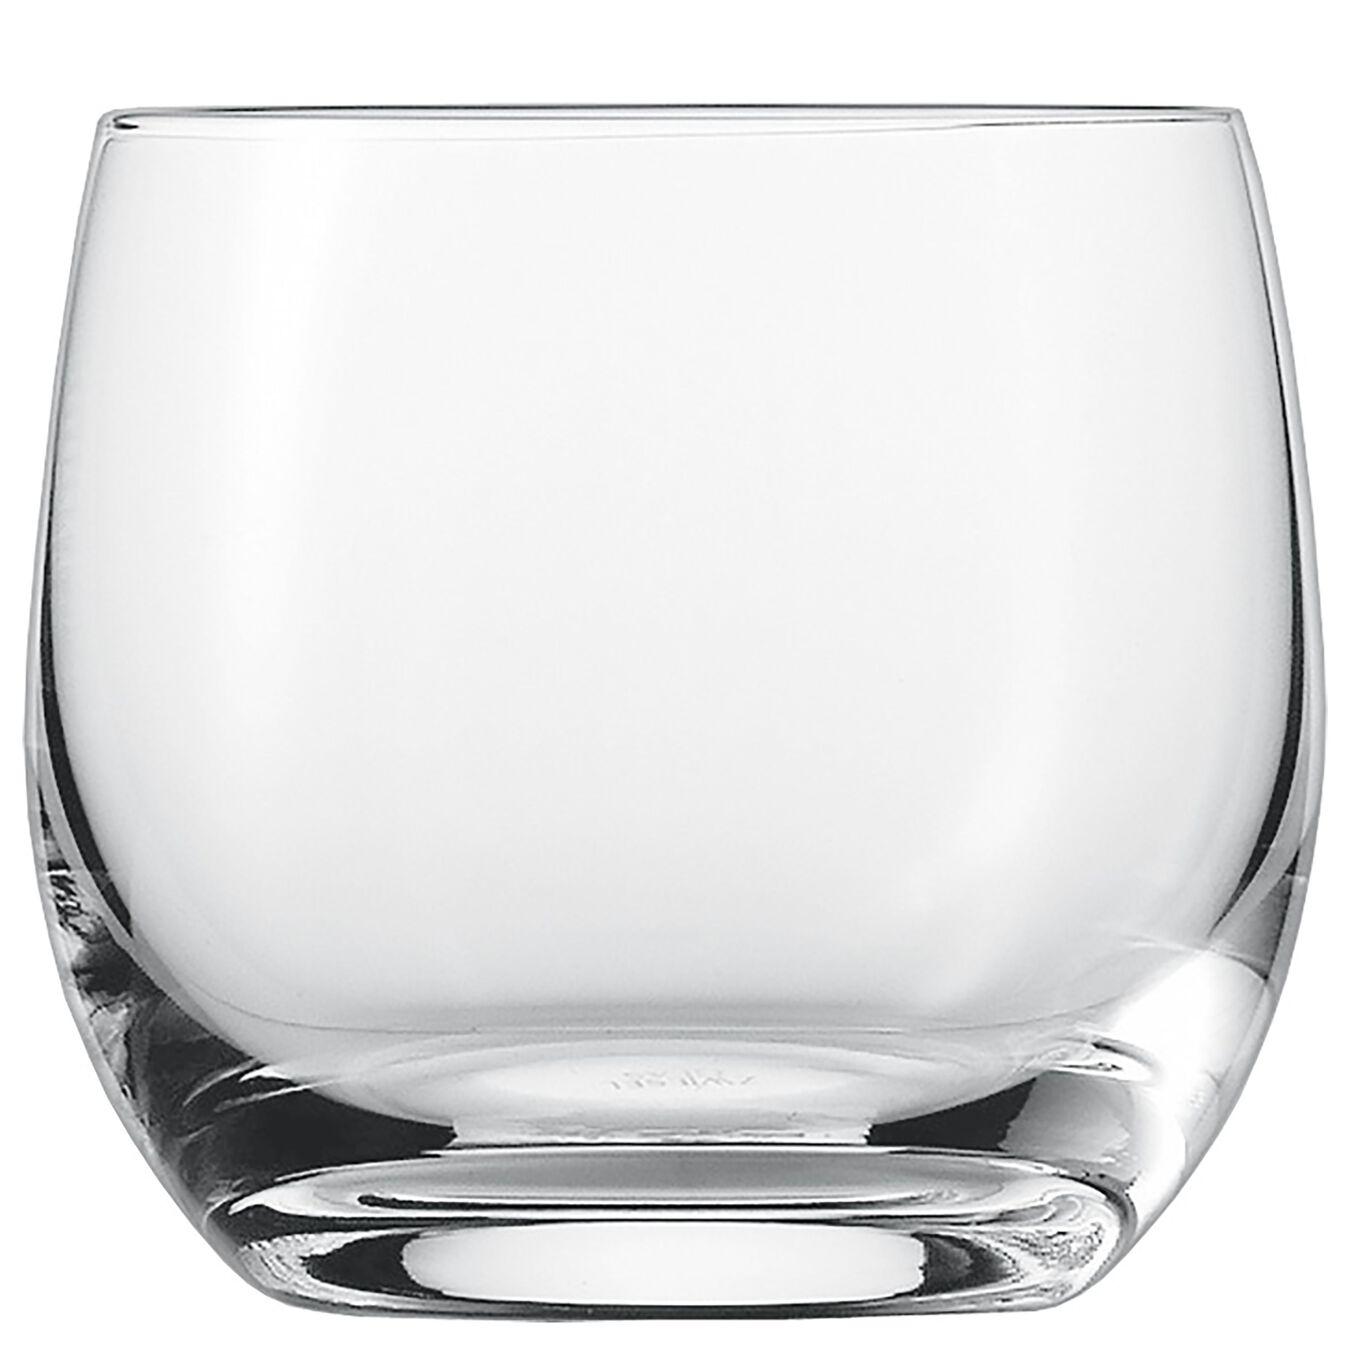 Kokteyl Bardağı | 260 ml,,large 1